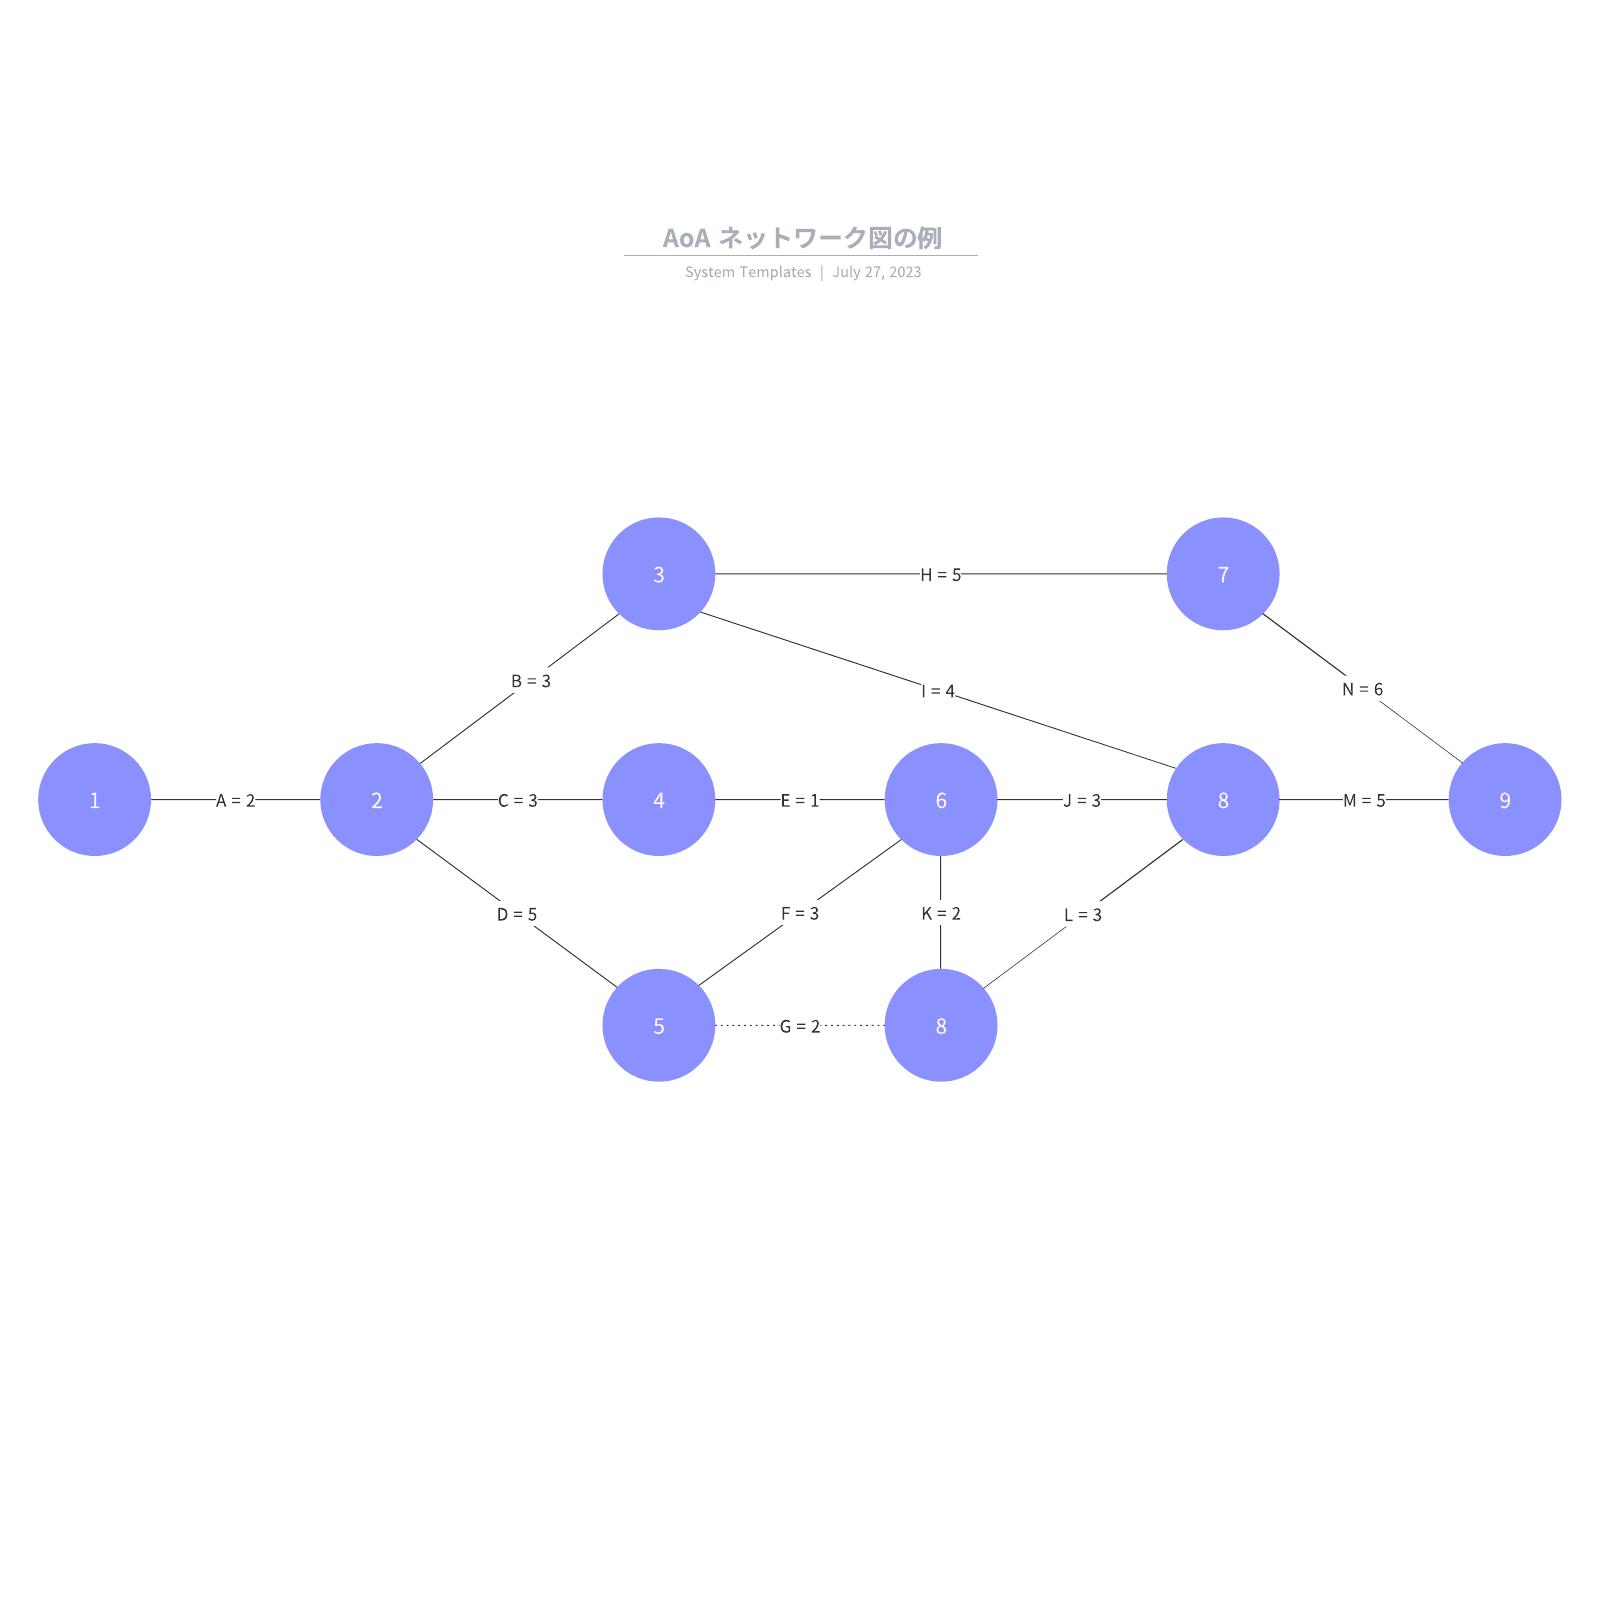 AoA ネットワーク図の例